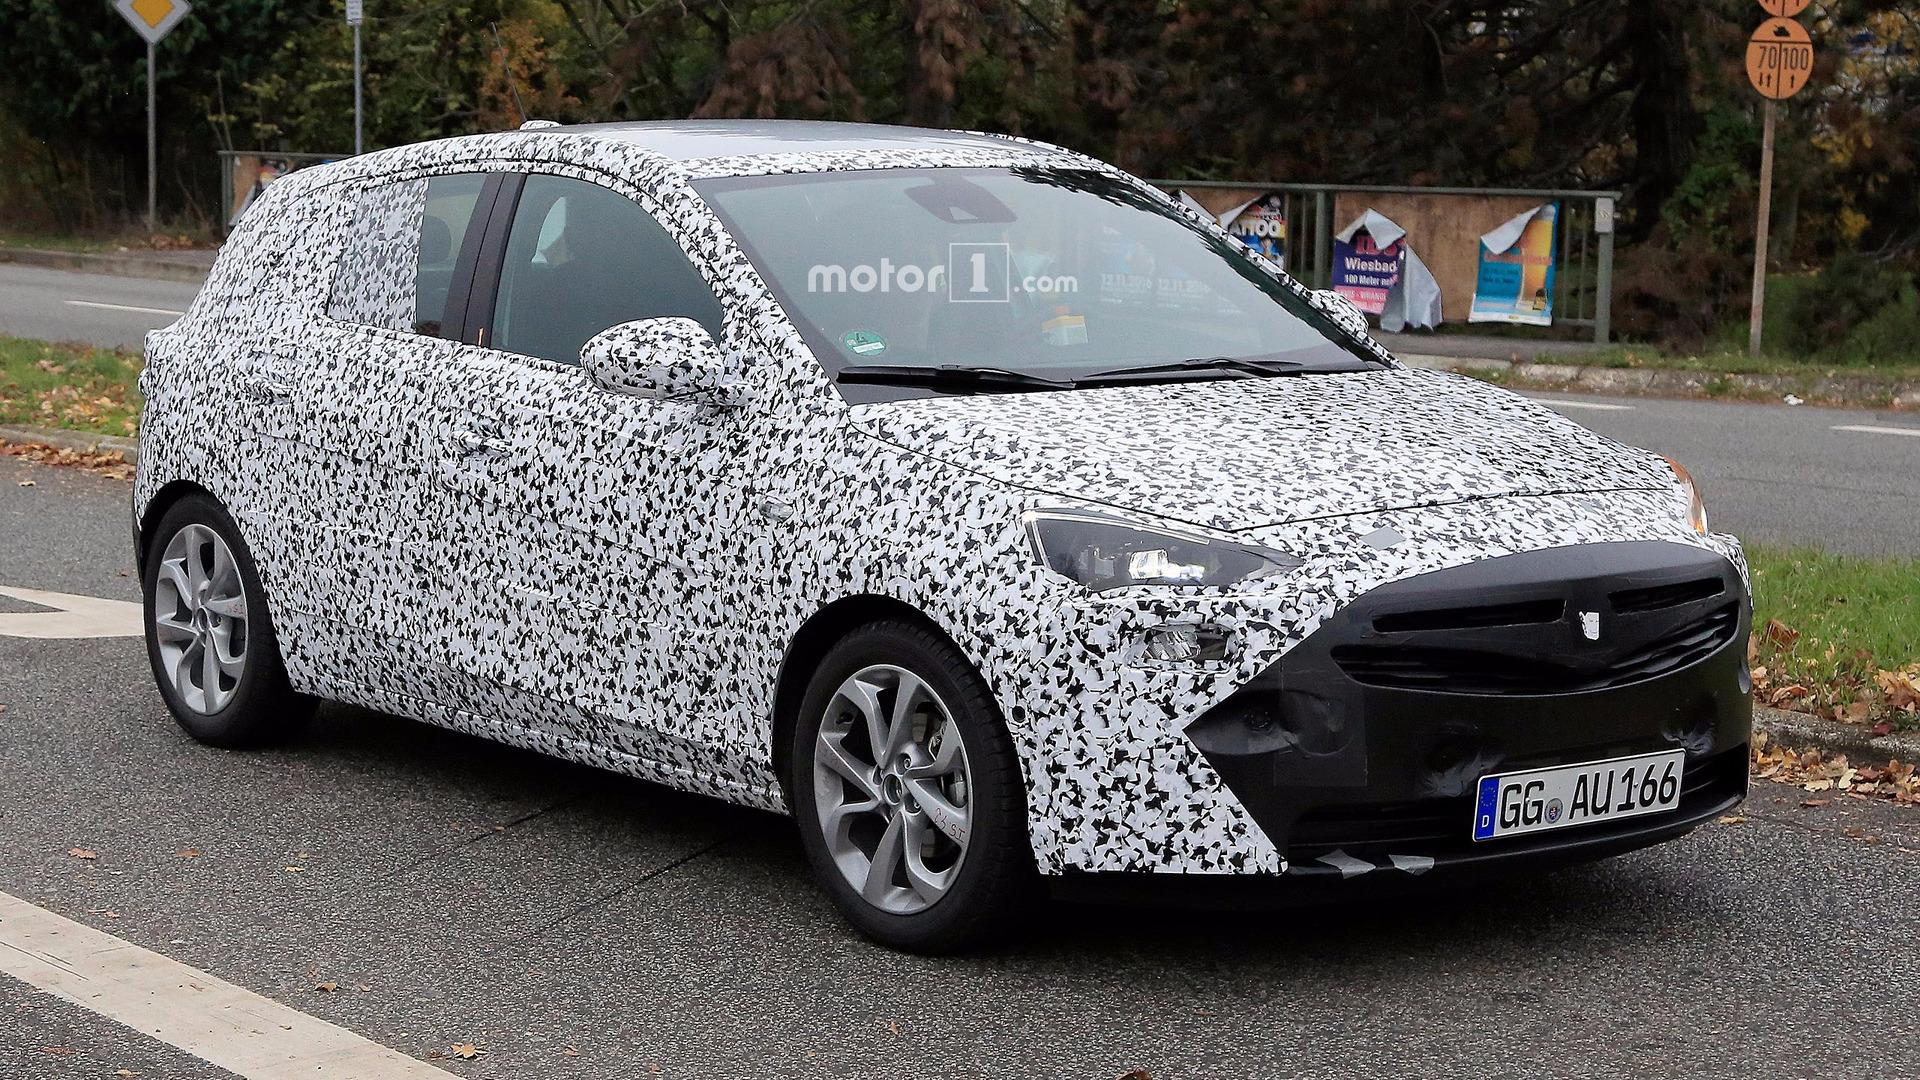 Take A Look Inside The 2019 Opel Corsa Via New Spy Shots